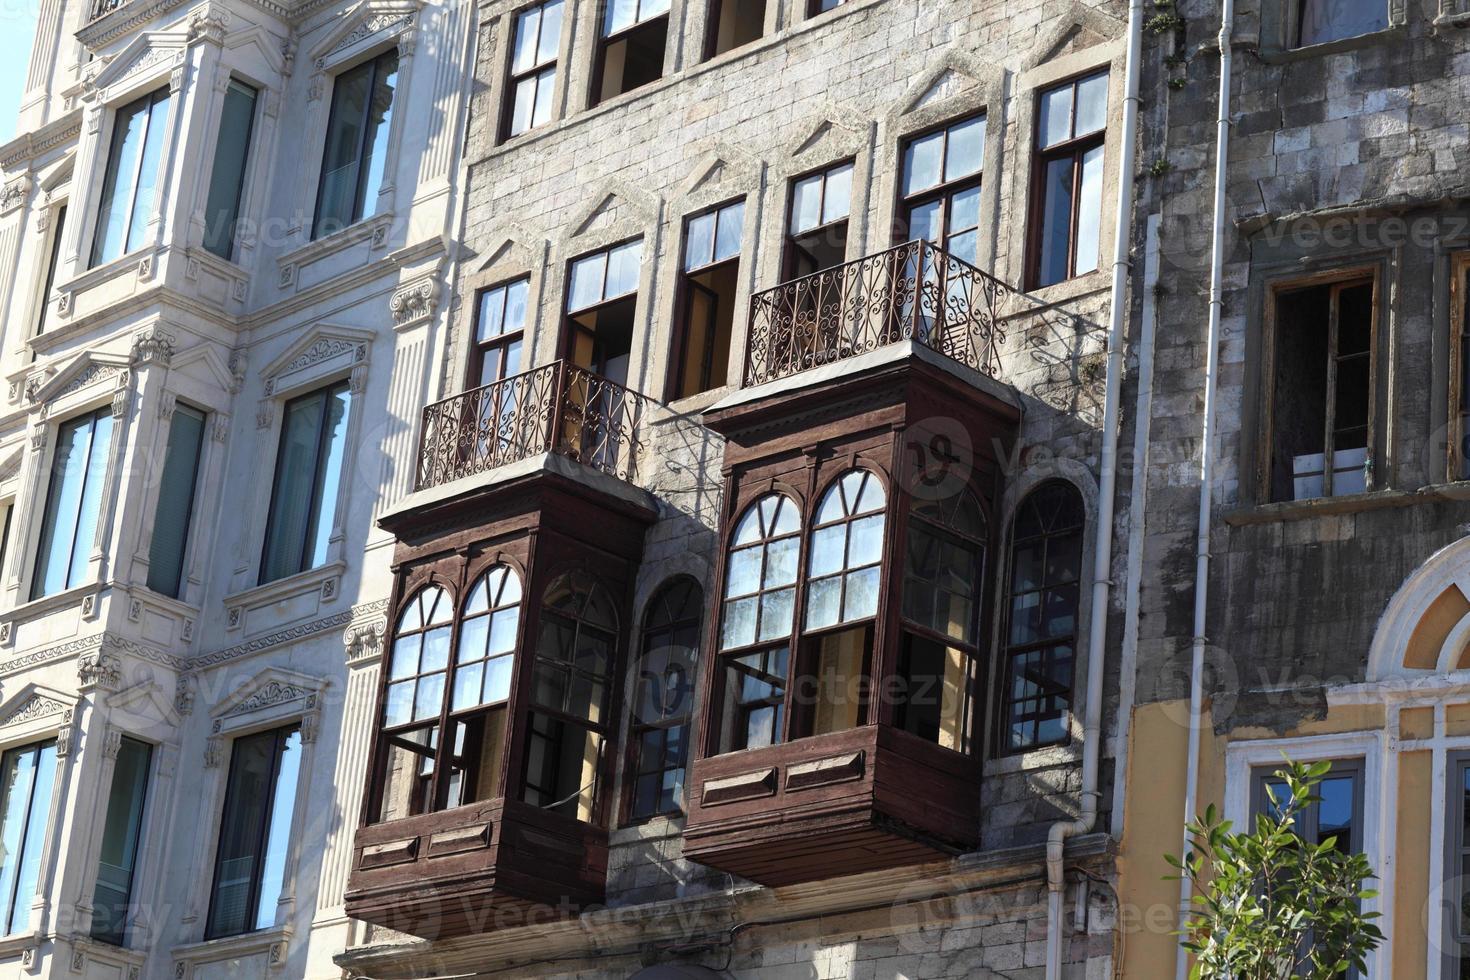 vista del vecchio edificio foto